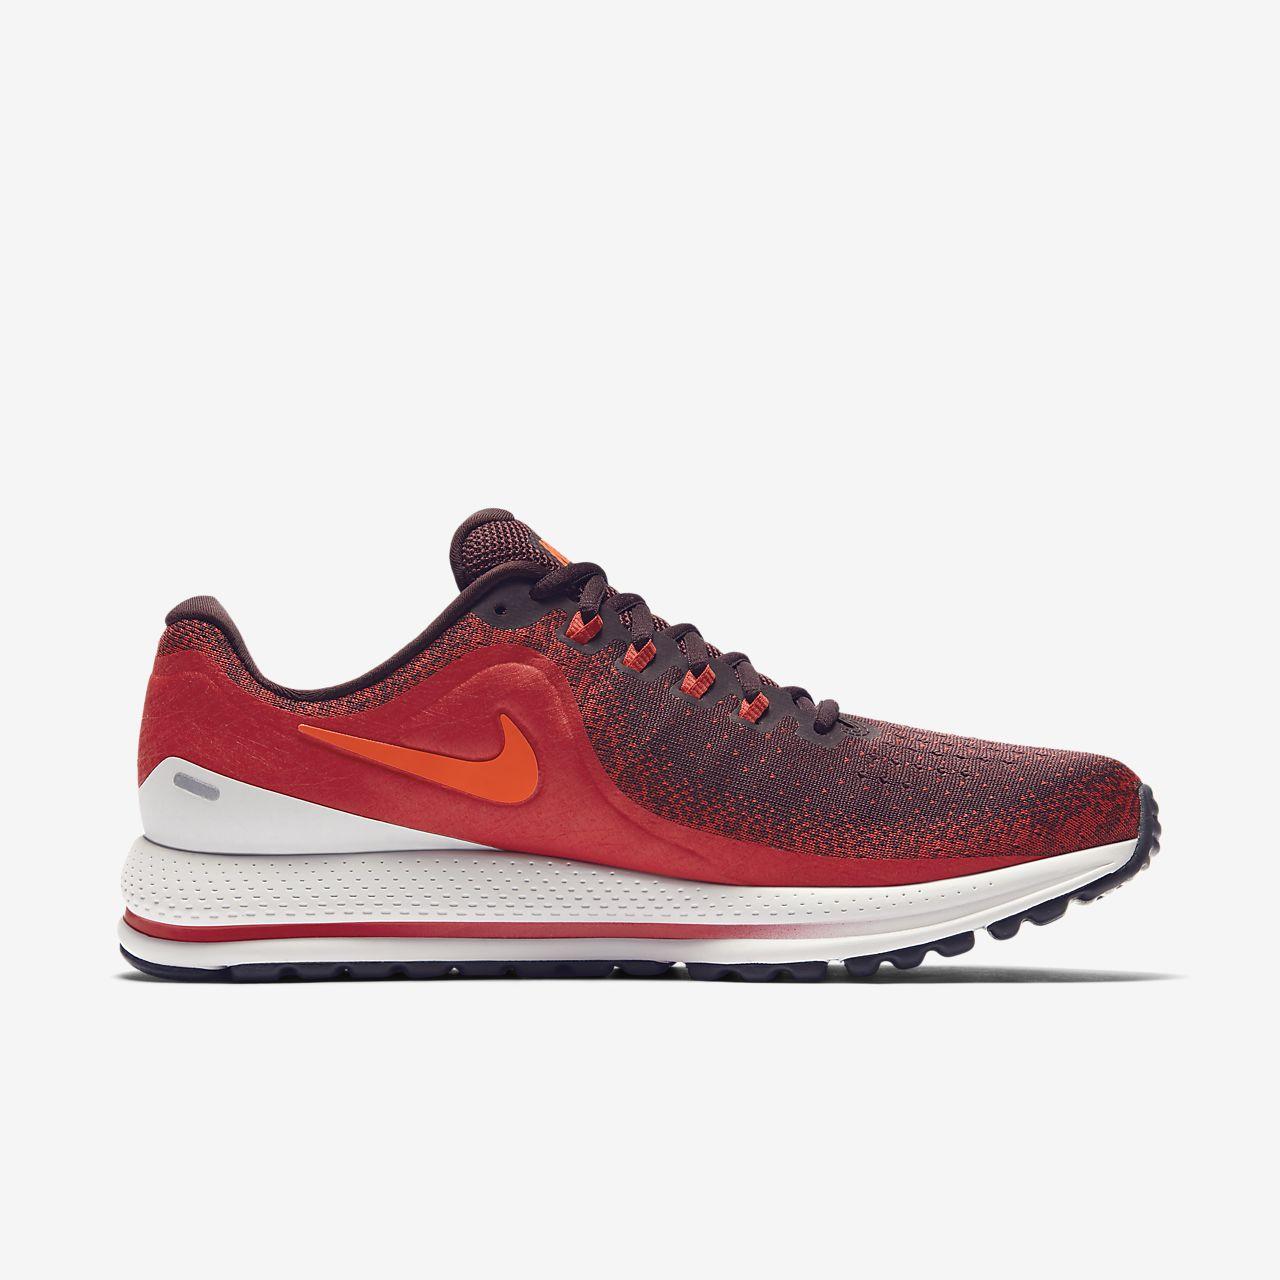 Nike Air Zoom Vomero 13 Men s Running Shoe